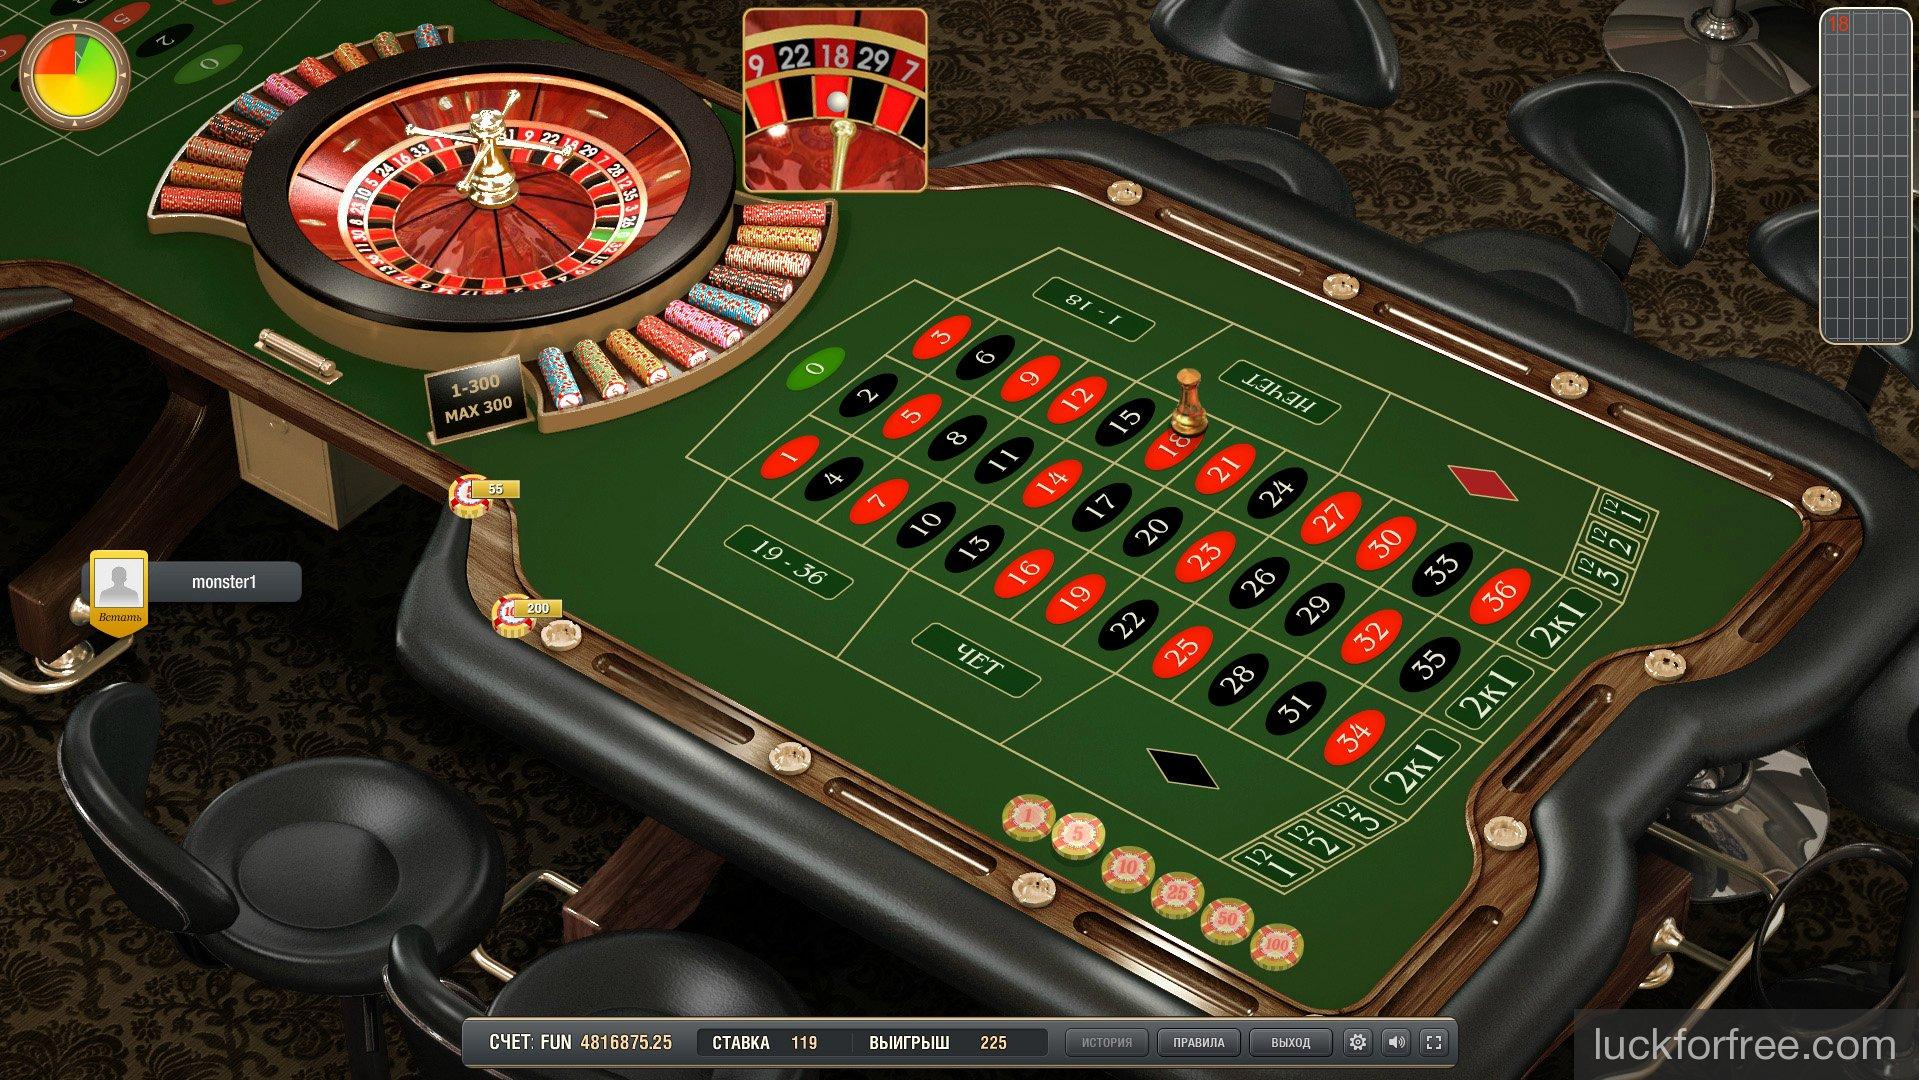 Я в казино фортуне дань оставлю скачать песню играть в карты бесплатно паук косынка